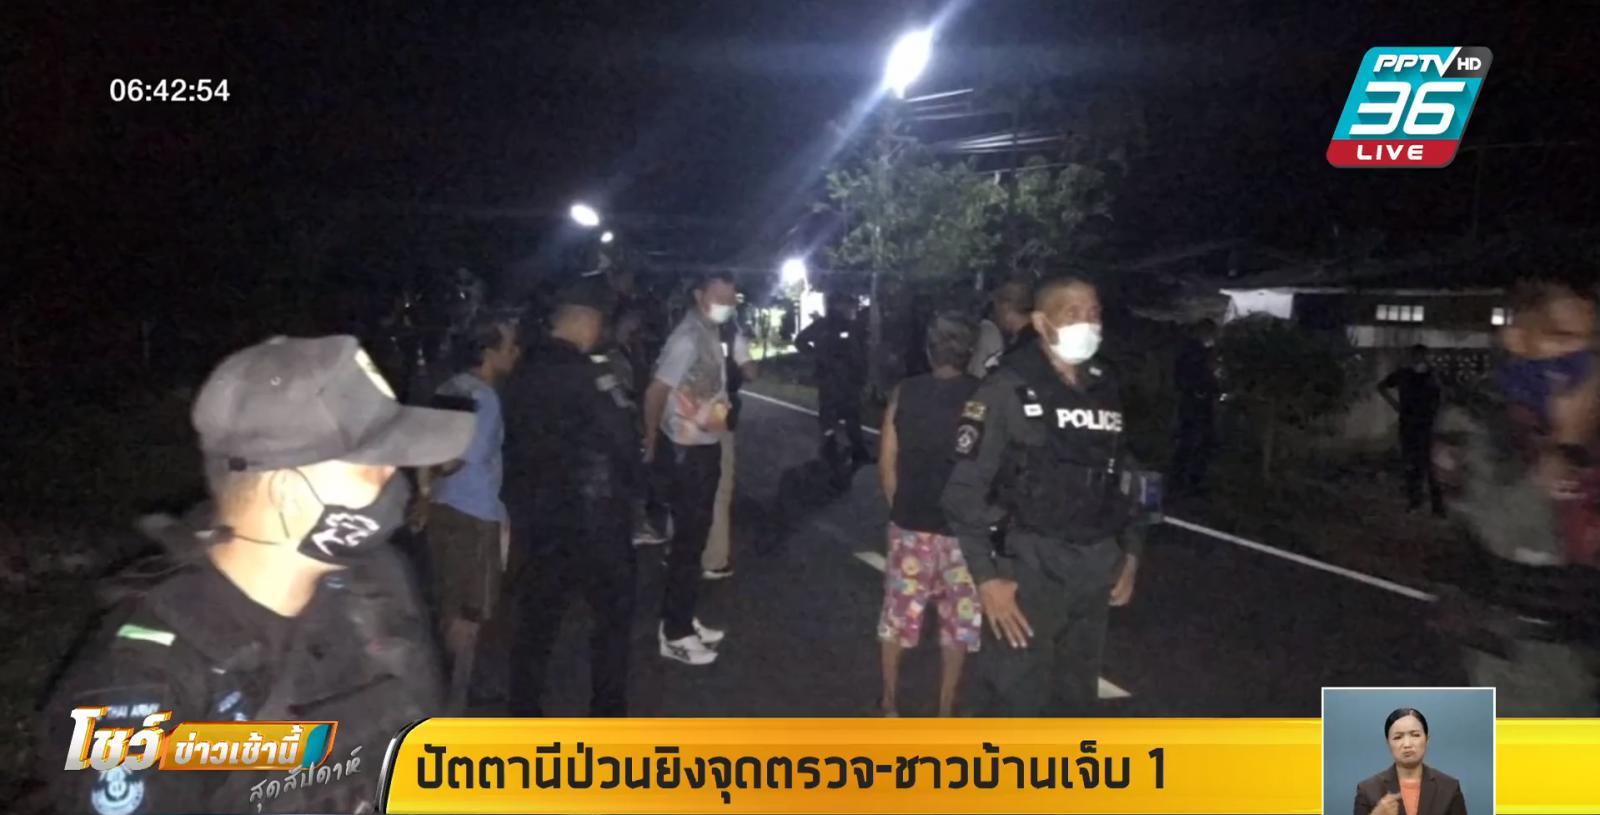 ปัตตานีป่วน คนร้ายยิงถล่มจุดตรวจ-บ้านเรือนปชช. เจ็บ 1